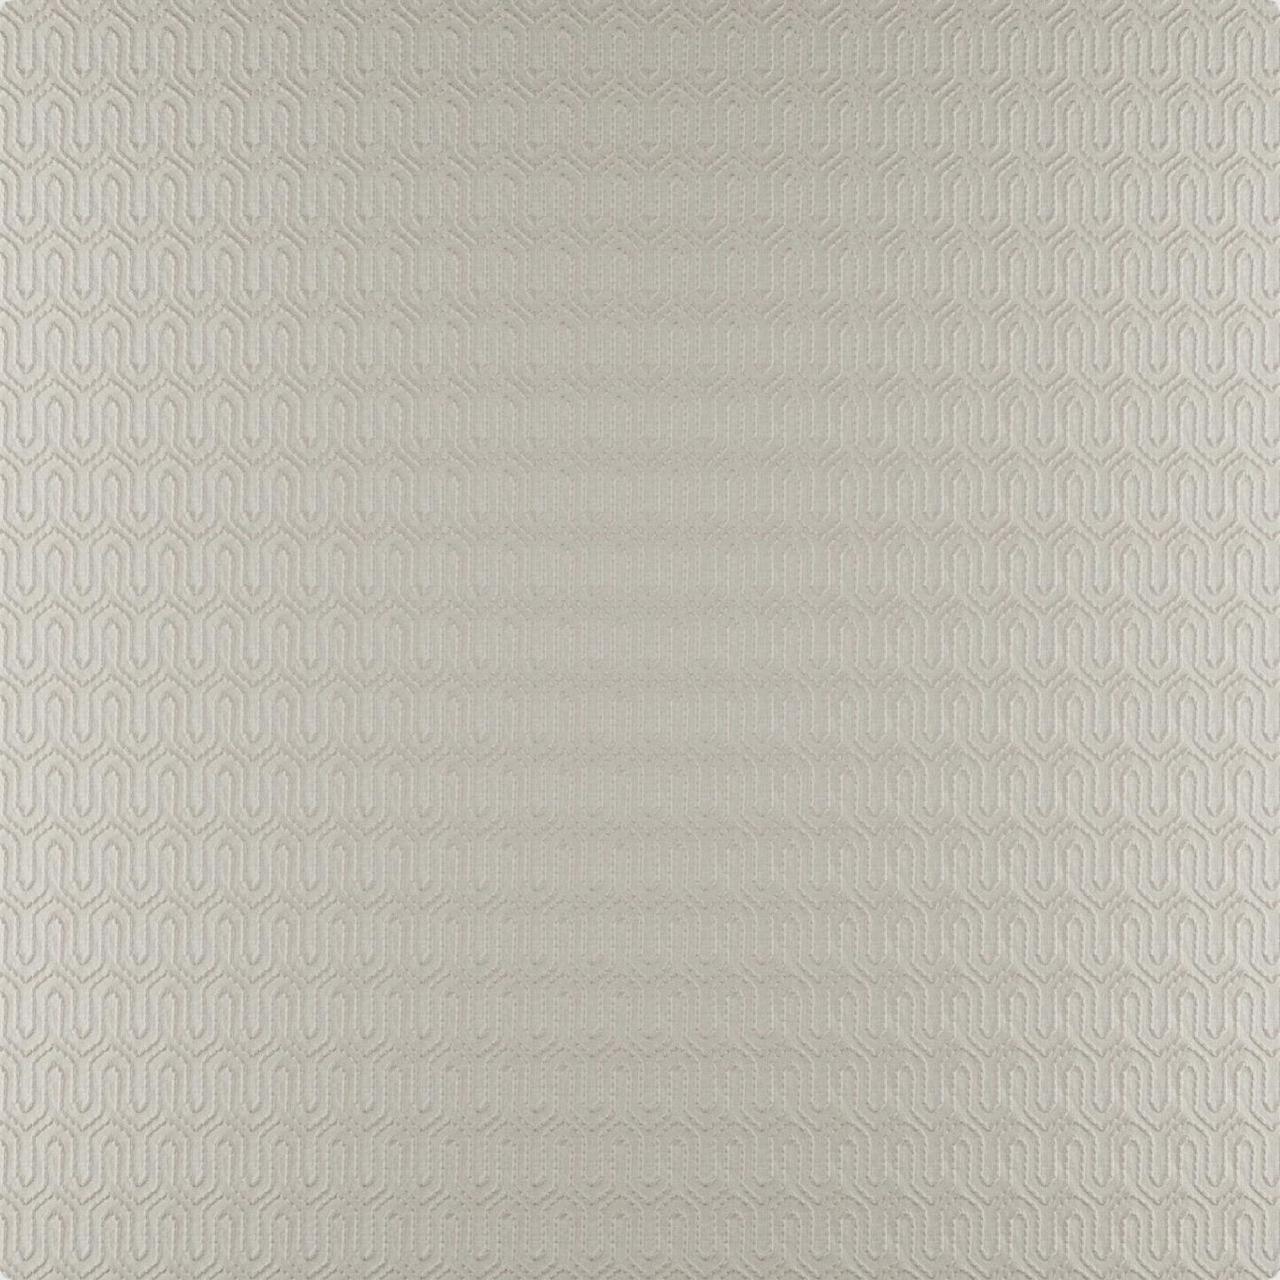 Тканина для штор Ridex NOMAD BATEK